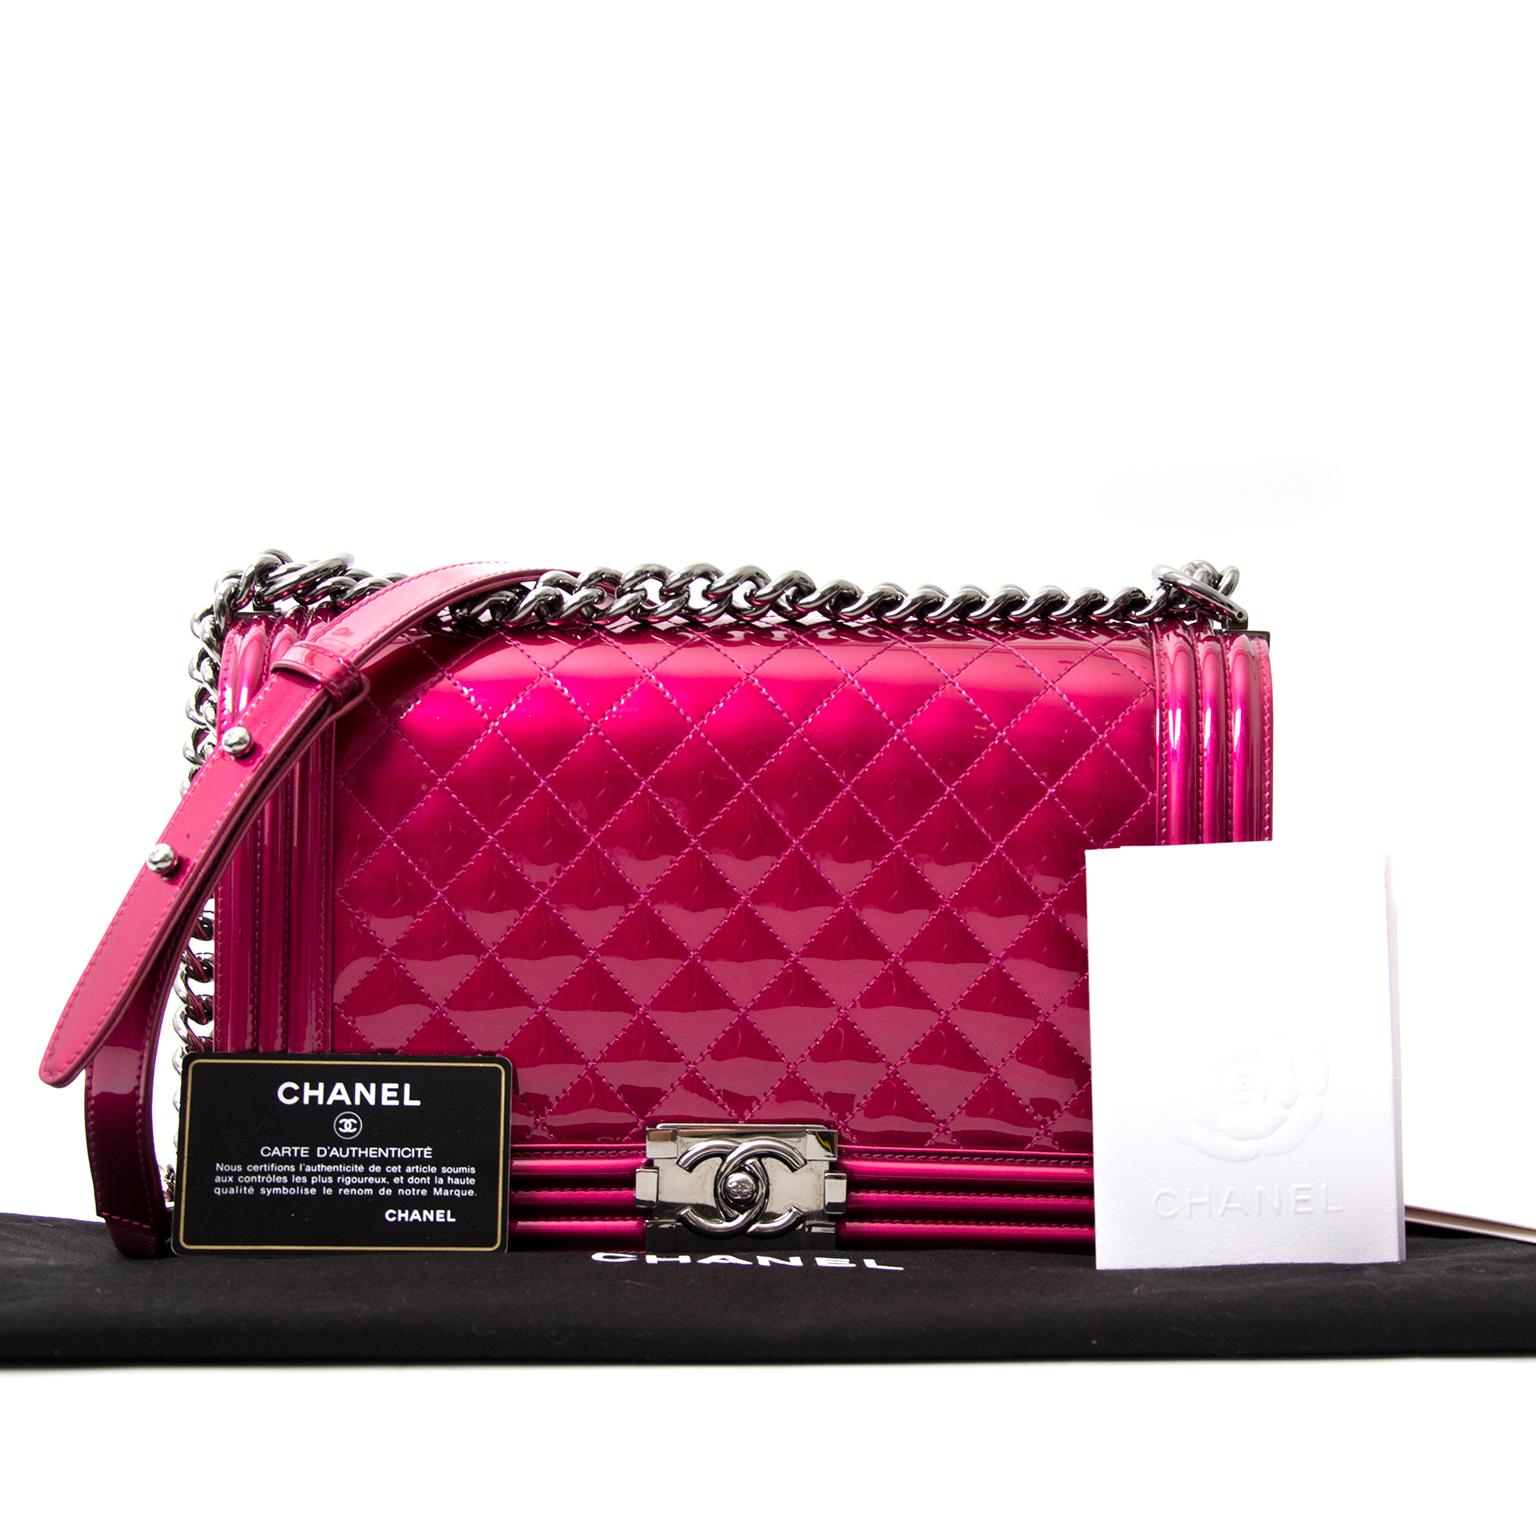 243d00c6b288 ... koop veilig online jou tweedehands Chanel Metallic Patent Fuchsia New  Medium Boy Bag